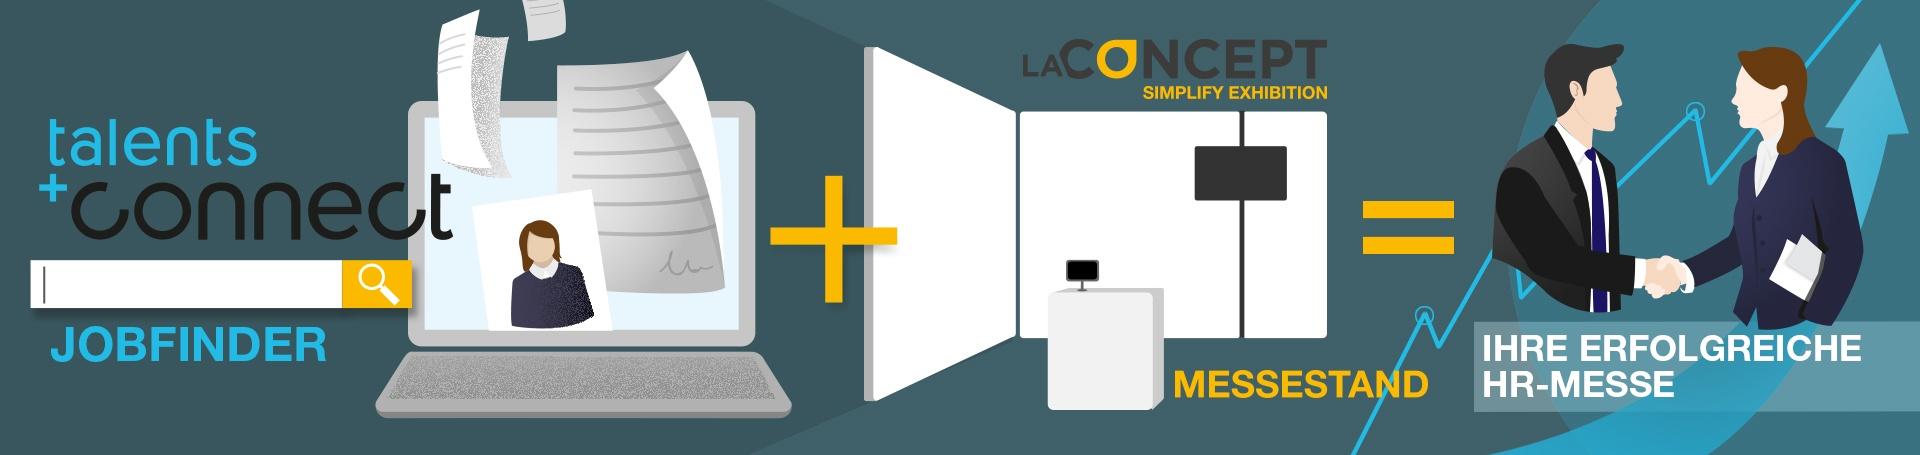 Schaffen Sie mit dem Jobfinder einen schnellen und umkomplizierten Zugang zu offenen Jobangeboten!